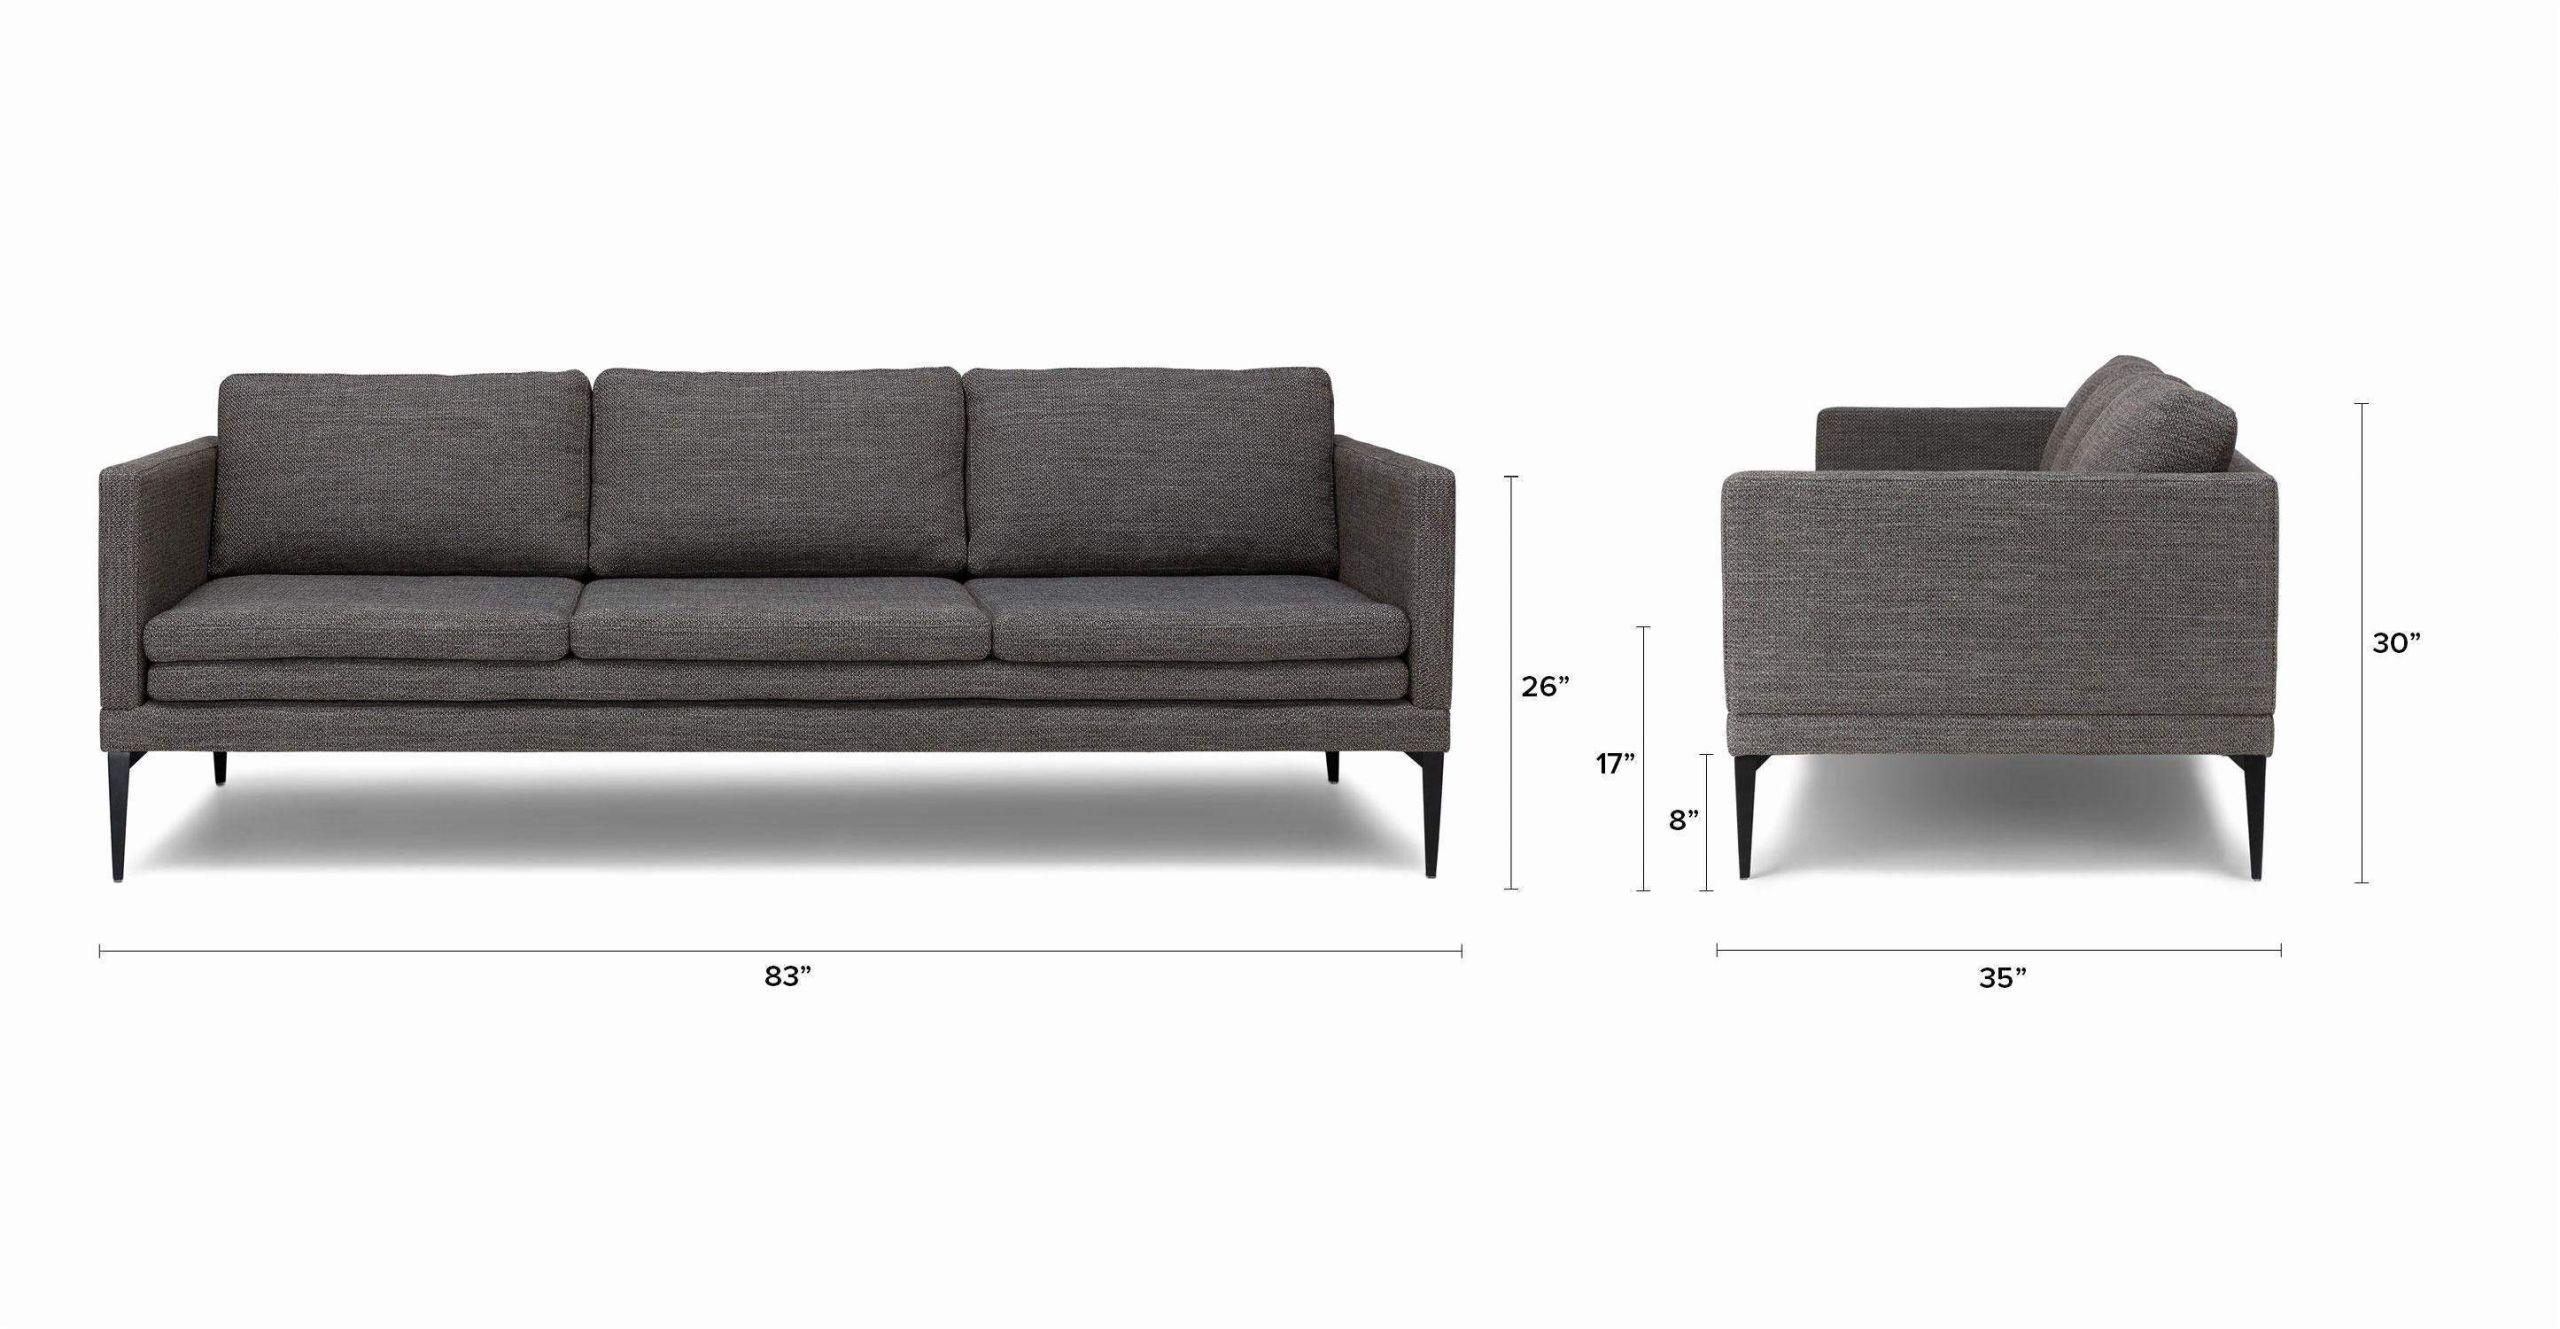 Full Size of Ikea Tisch Wohnzimmer Das Beste Von Genial Tische Modulküche Raffrollo Küche Betten 160x200 Kosten Bei Kaufen Miniküche Sofa Mit Schlaffunktion Wohnzimmer Ikea Raffrollo